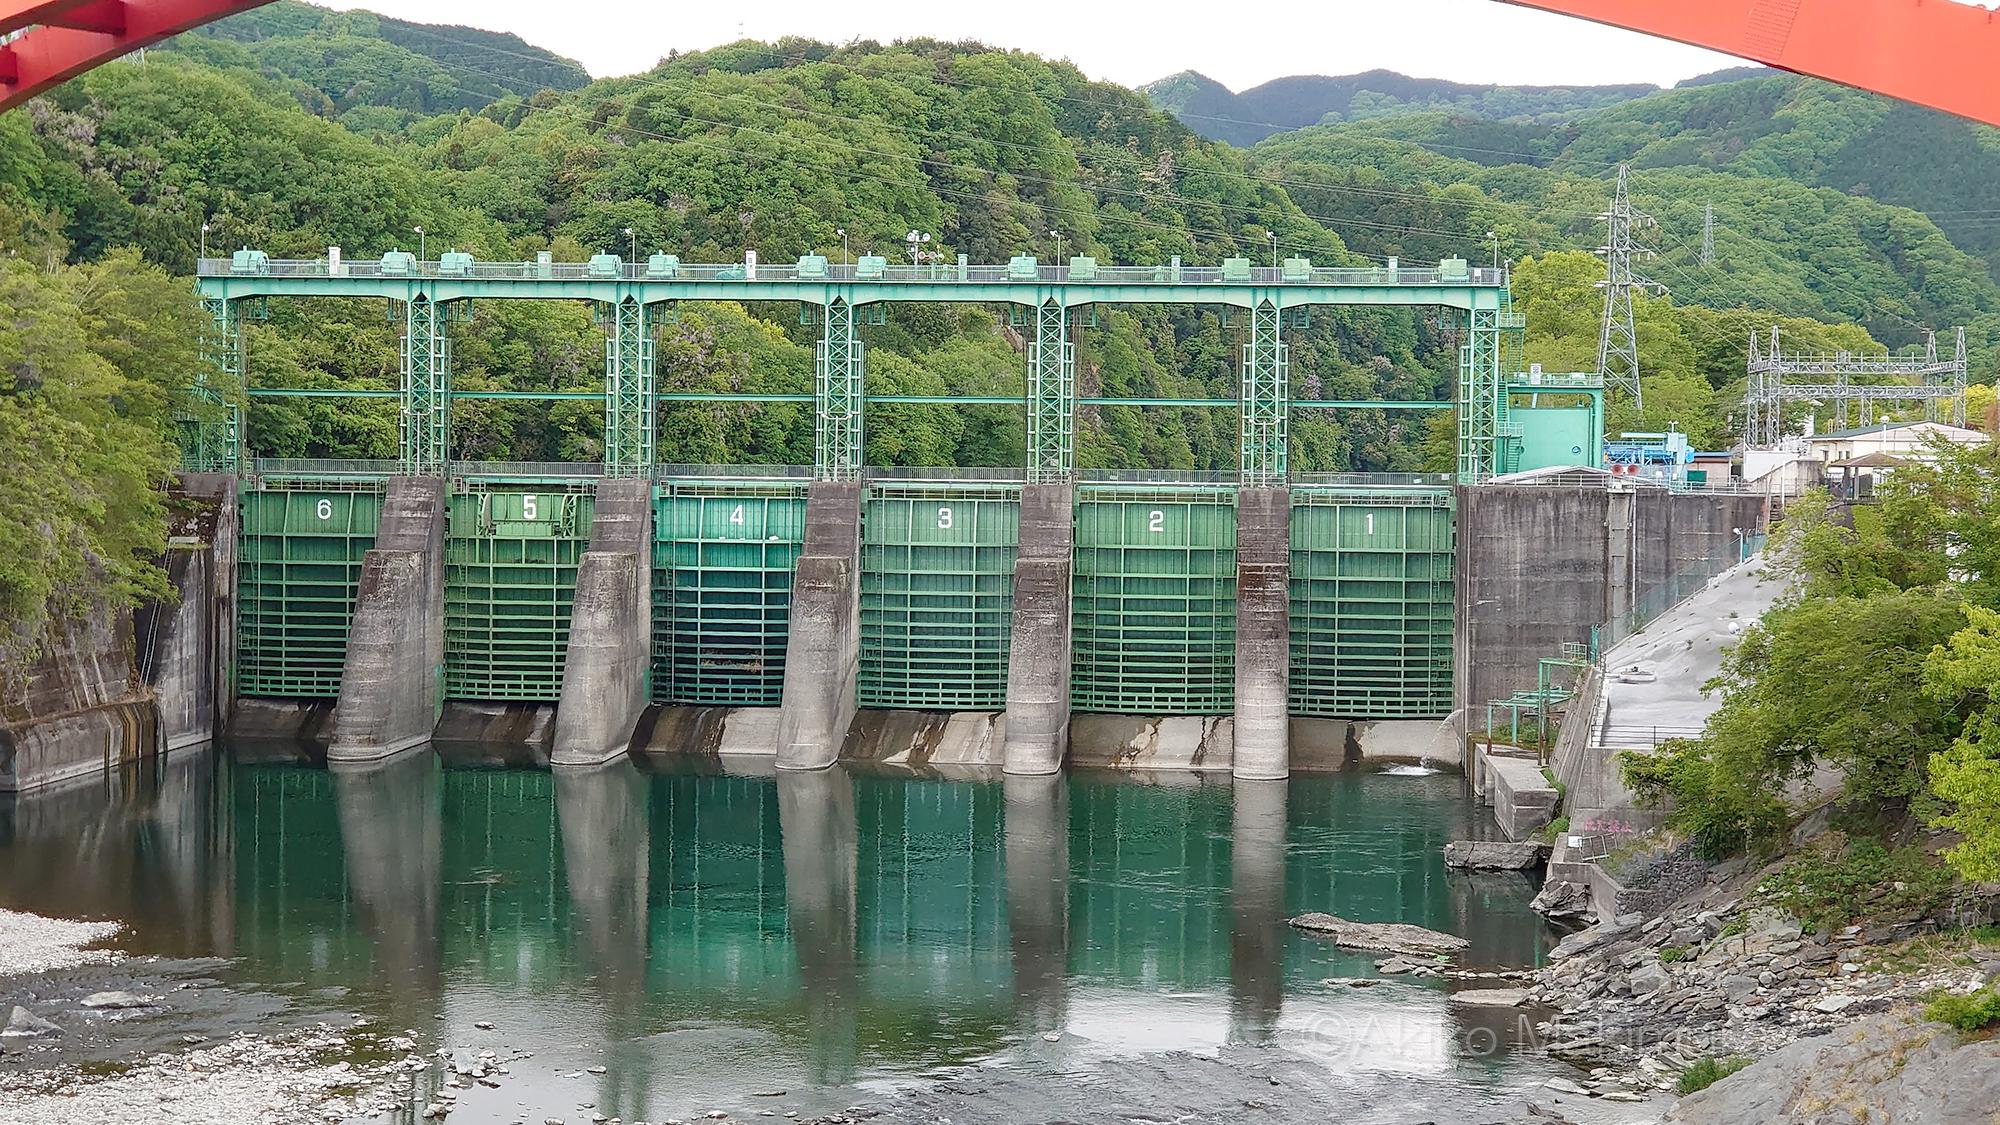 サンダーバードの秘密基地? 緑のゲートが凛々しい玉淀ダム